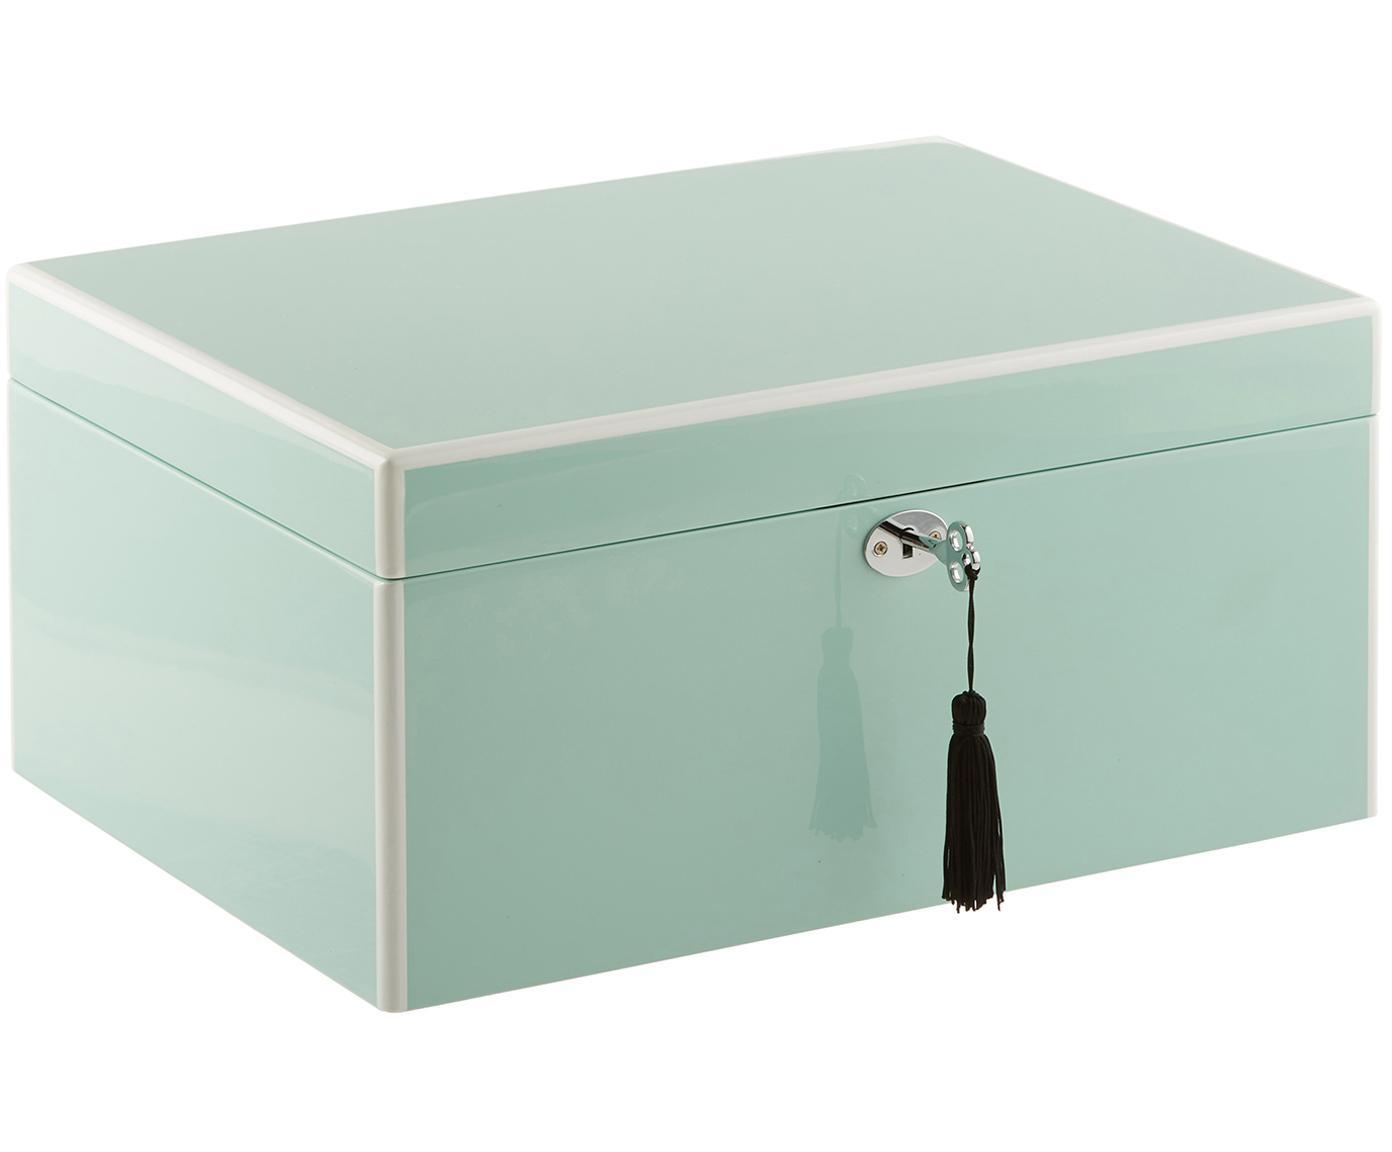 Sieradendoos Juliana met spiegel, Doos: gecoat MDF, Onderzijde: fluweel om het meubilair , Turquoise met witte rand, 31 x 23 cm